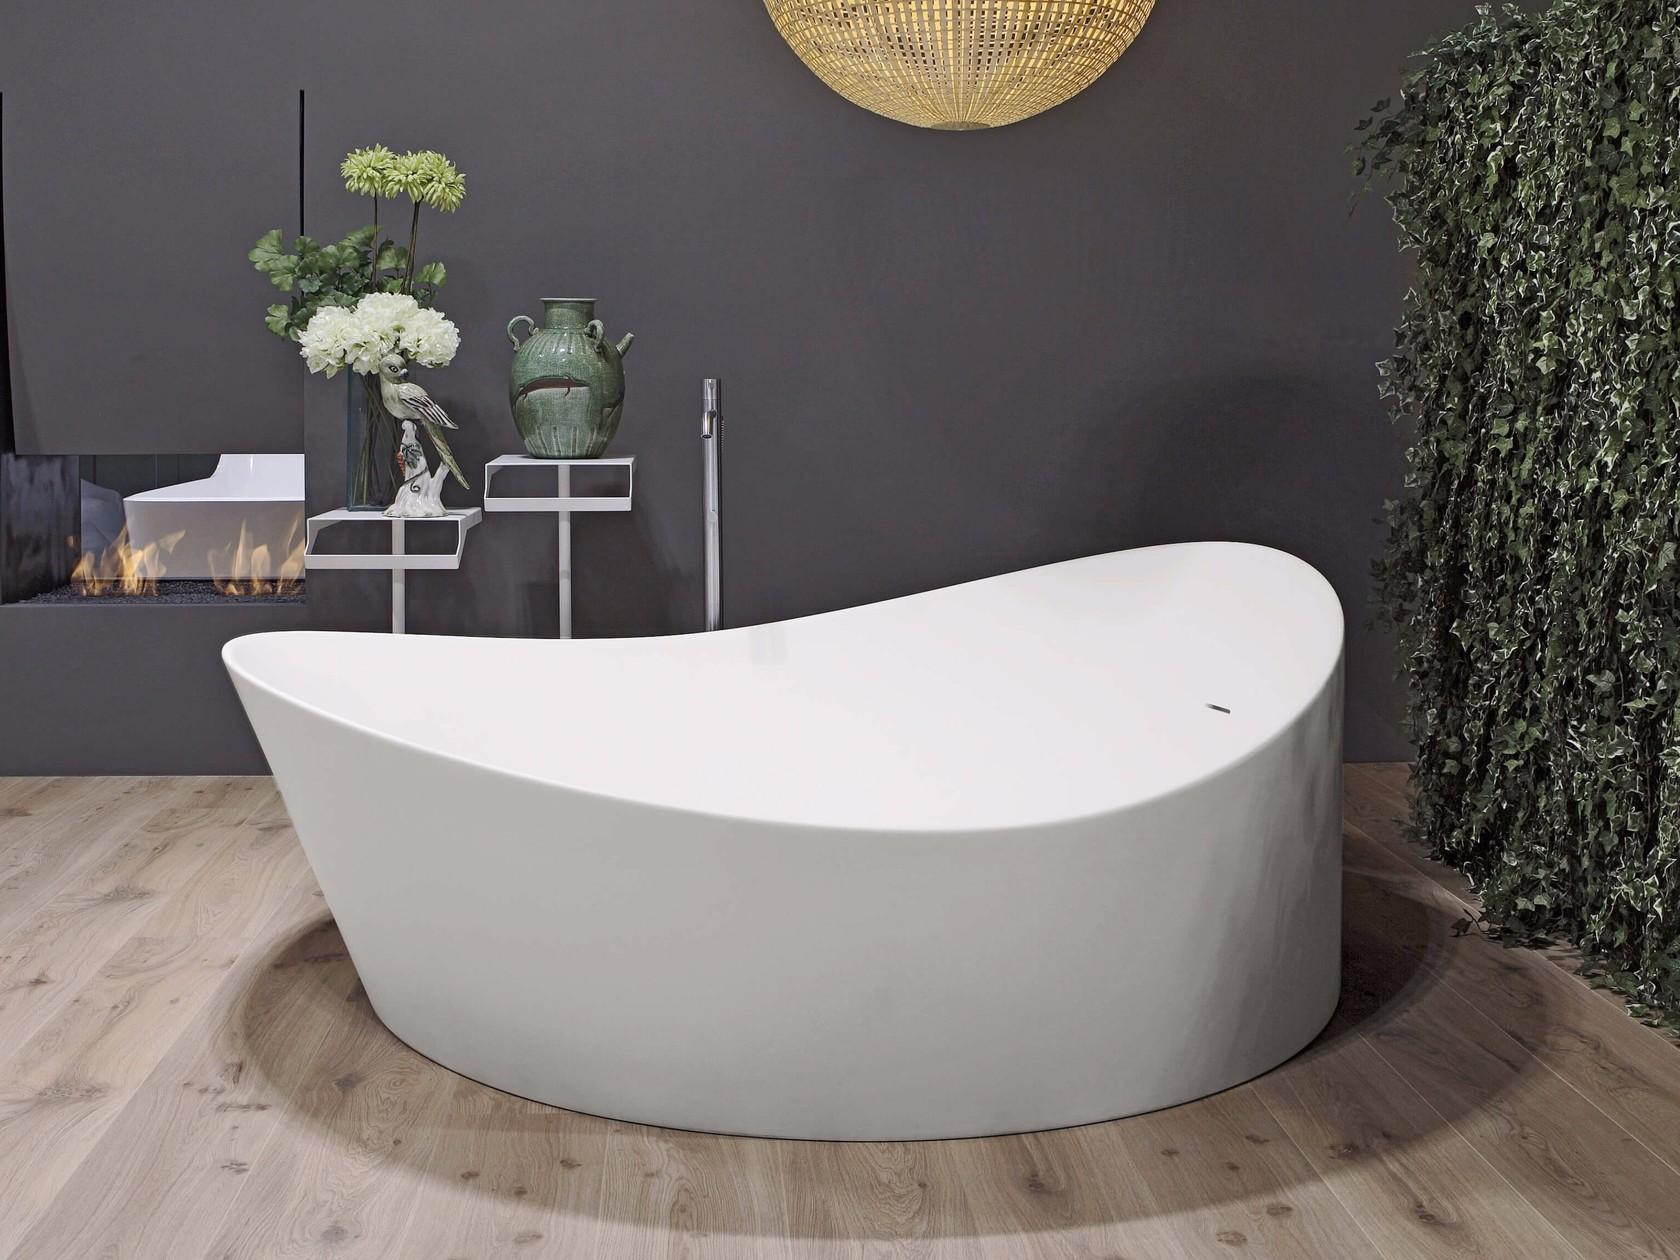 Soluzioni per la vasca da bagno